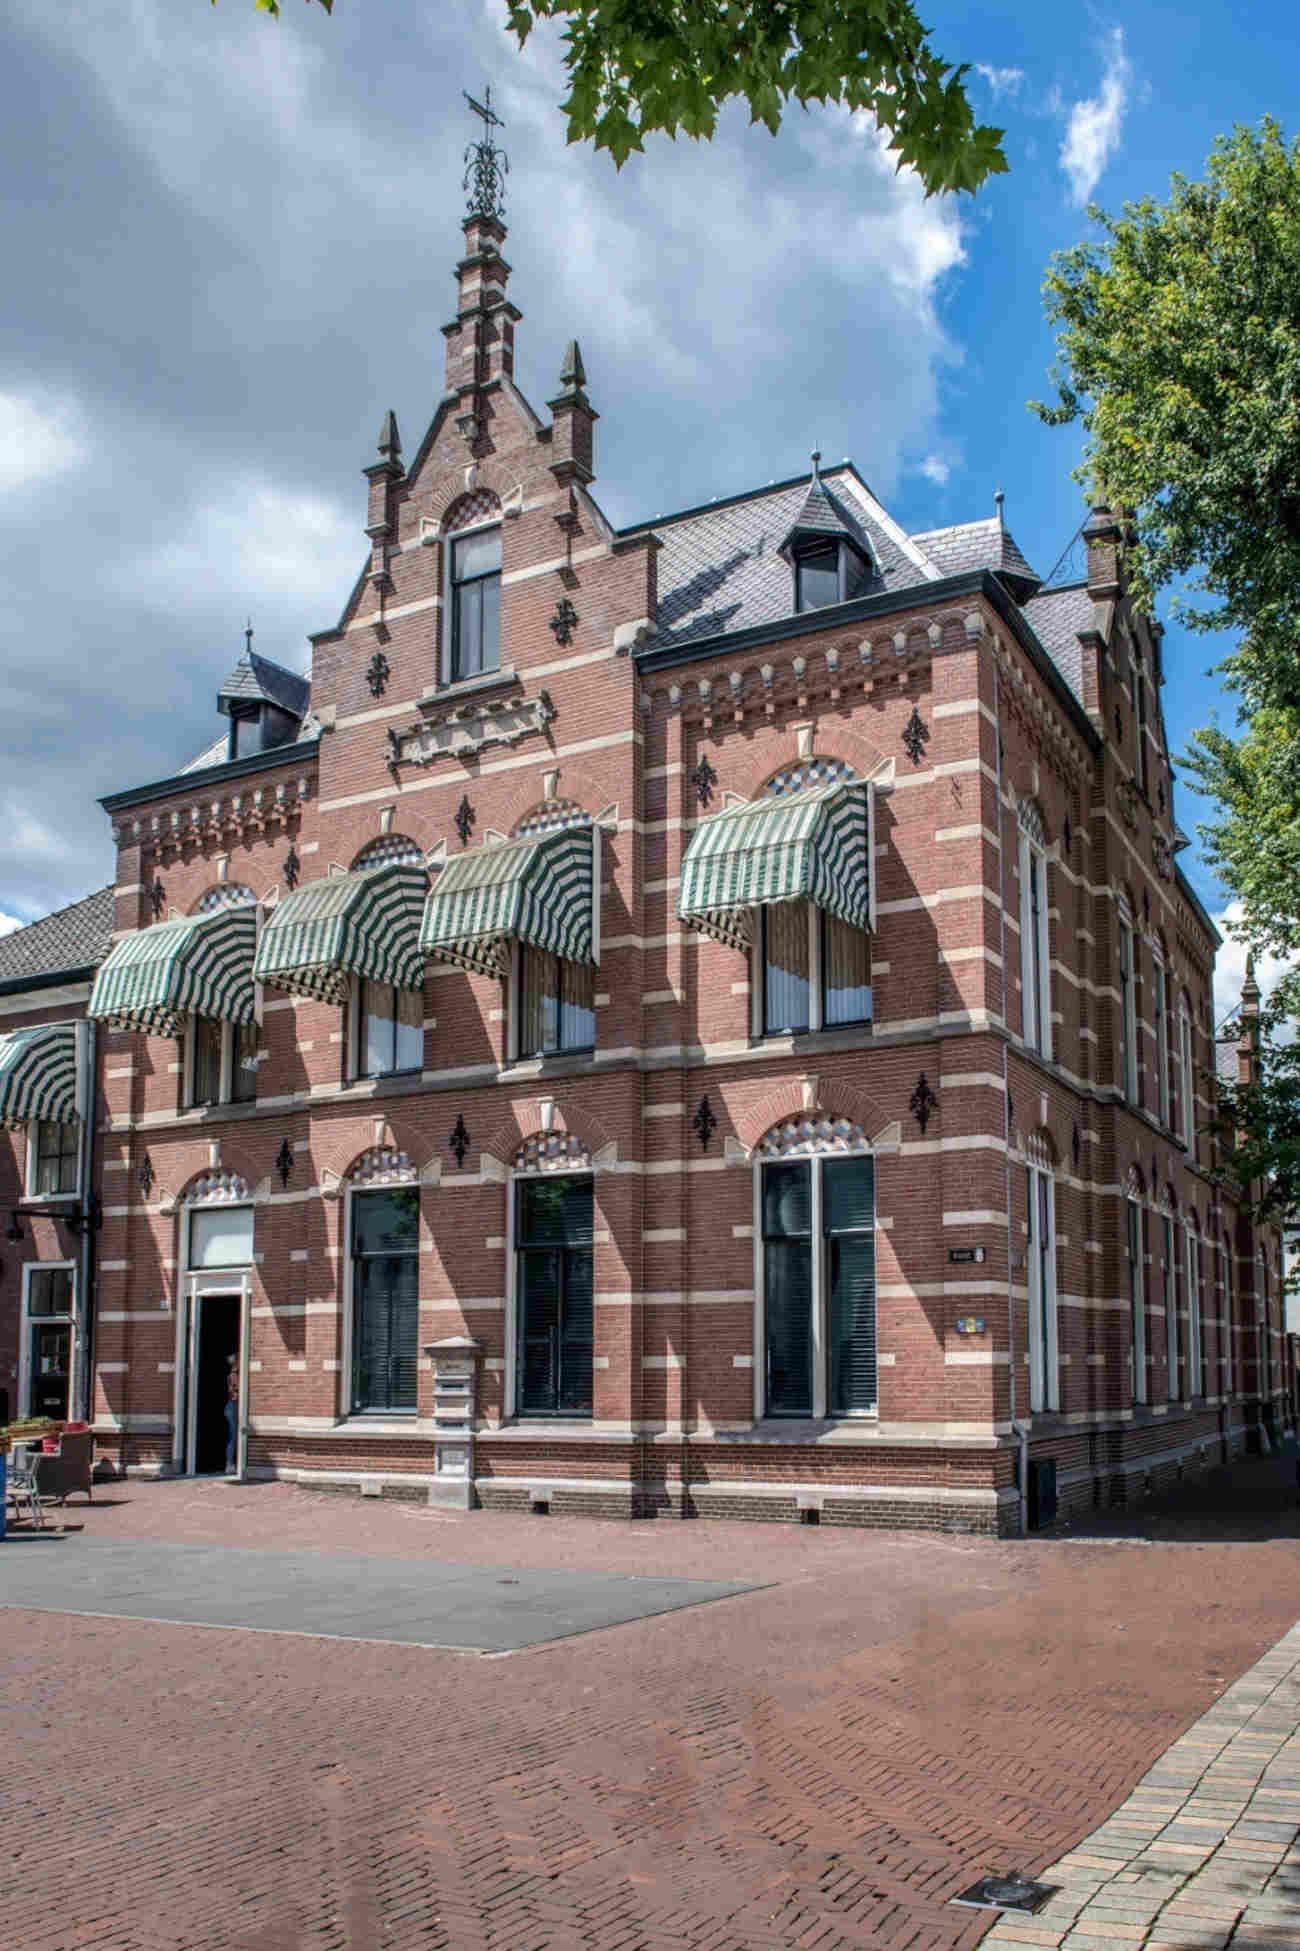 Chef De Rozario voelt zich helemaal thuis aan de Markt in Helmond. ©Ad Vereijken